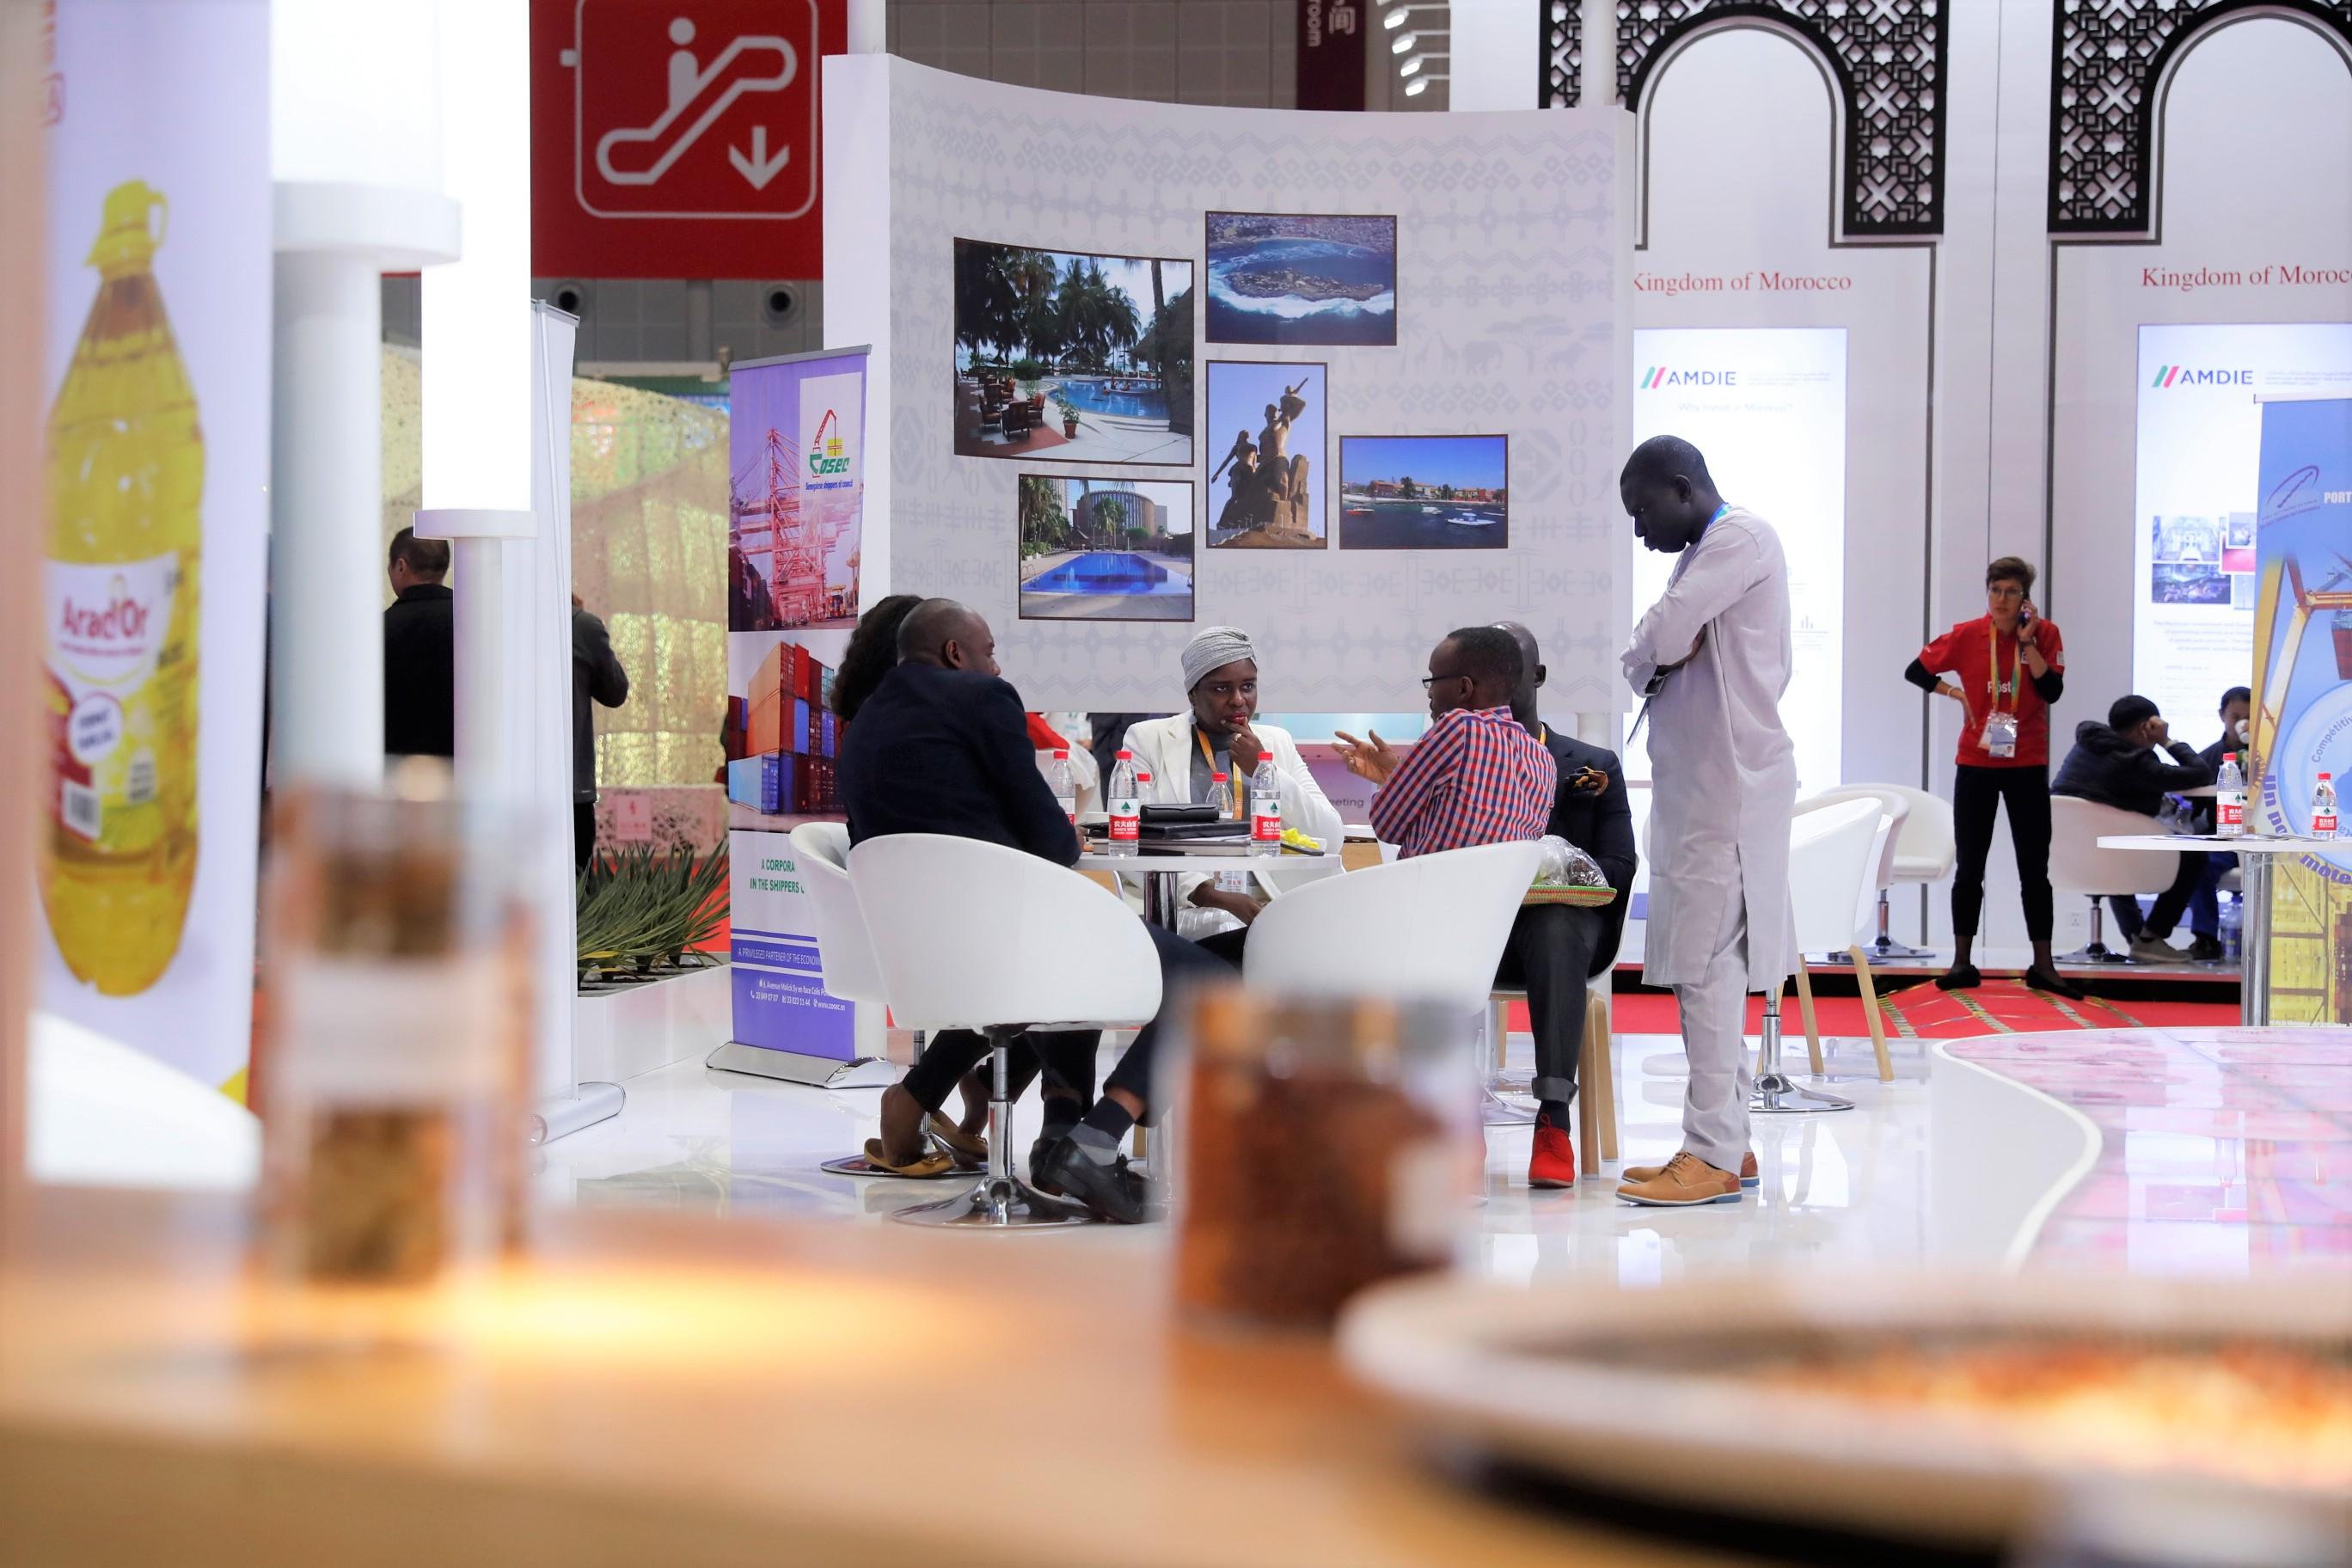 我们平时吃的花生都来自哪儿?来看下进博会塞内加尔国家馆